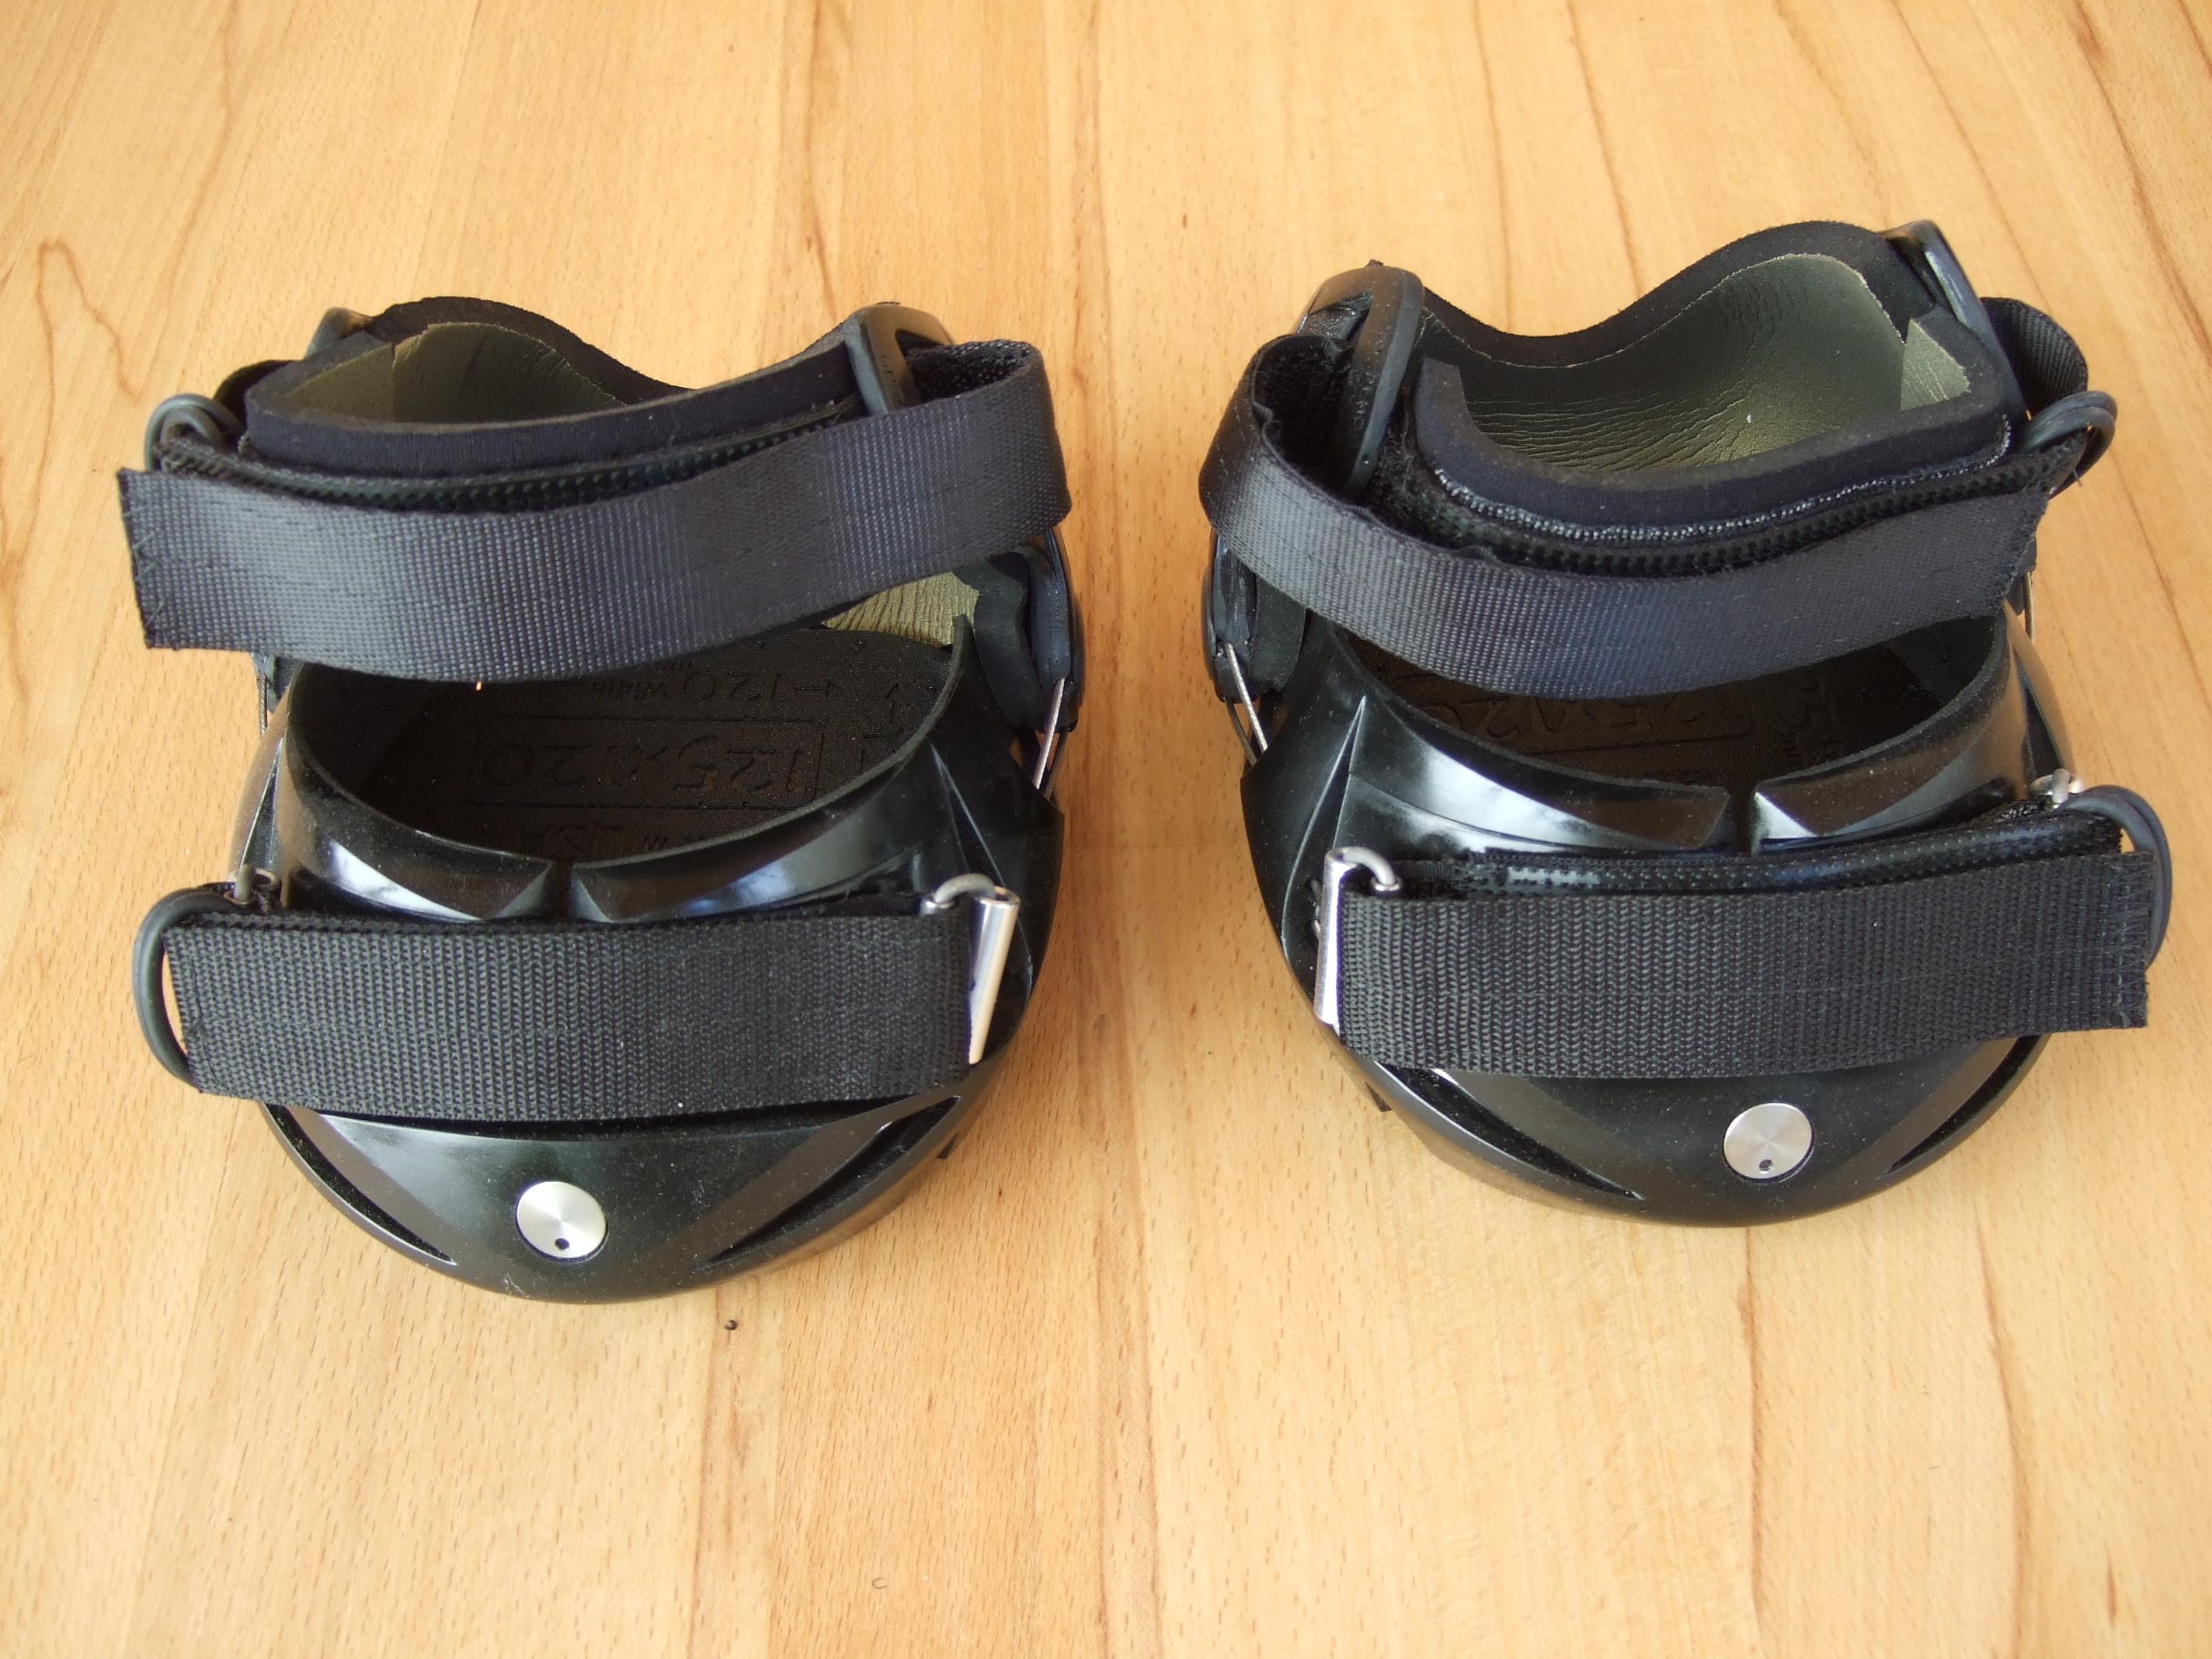 Renegade Viper, Paar schwarz 135x130